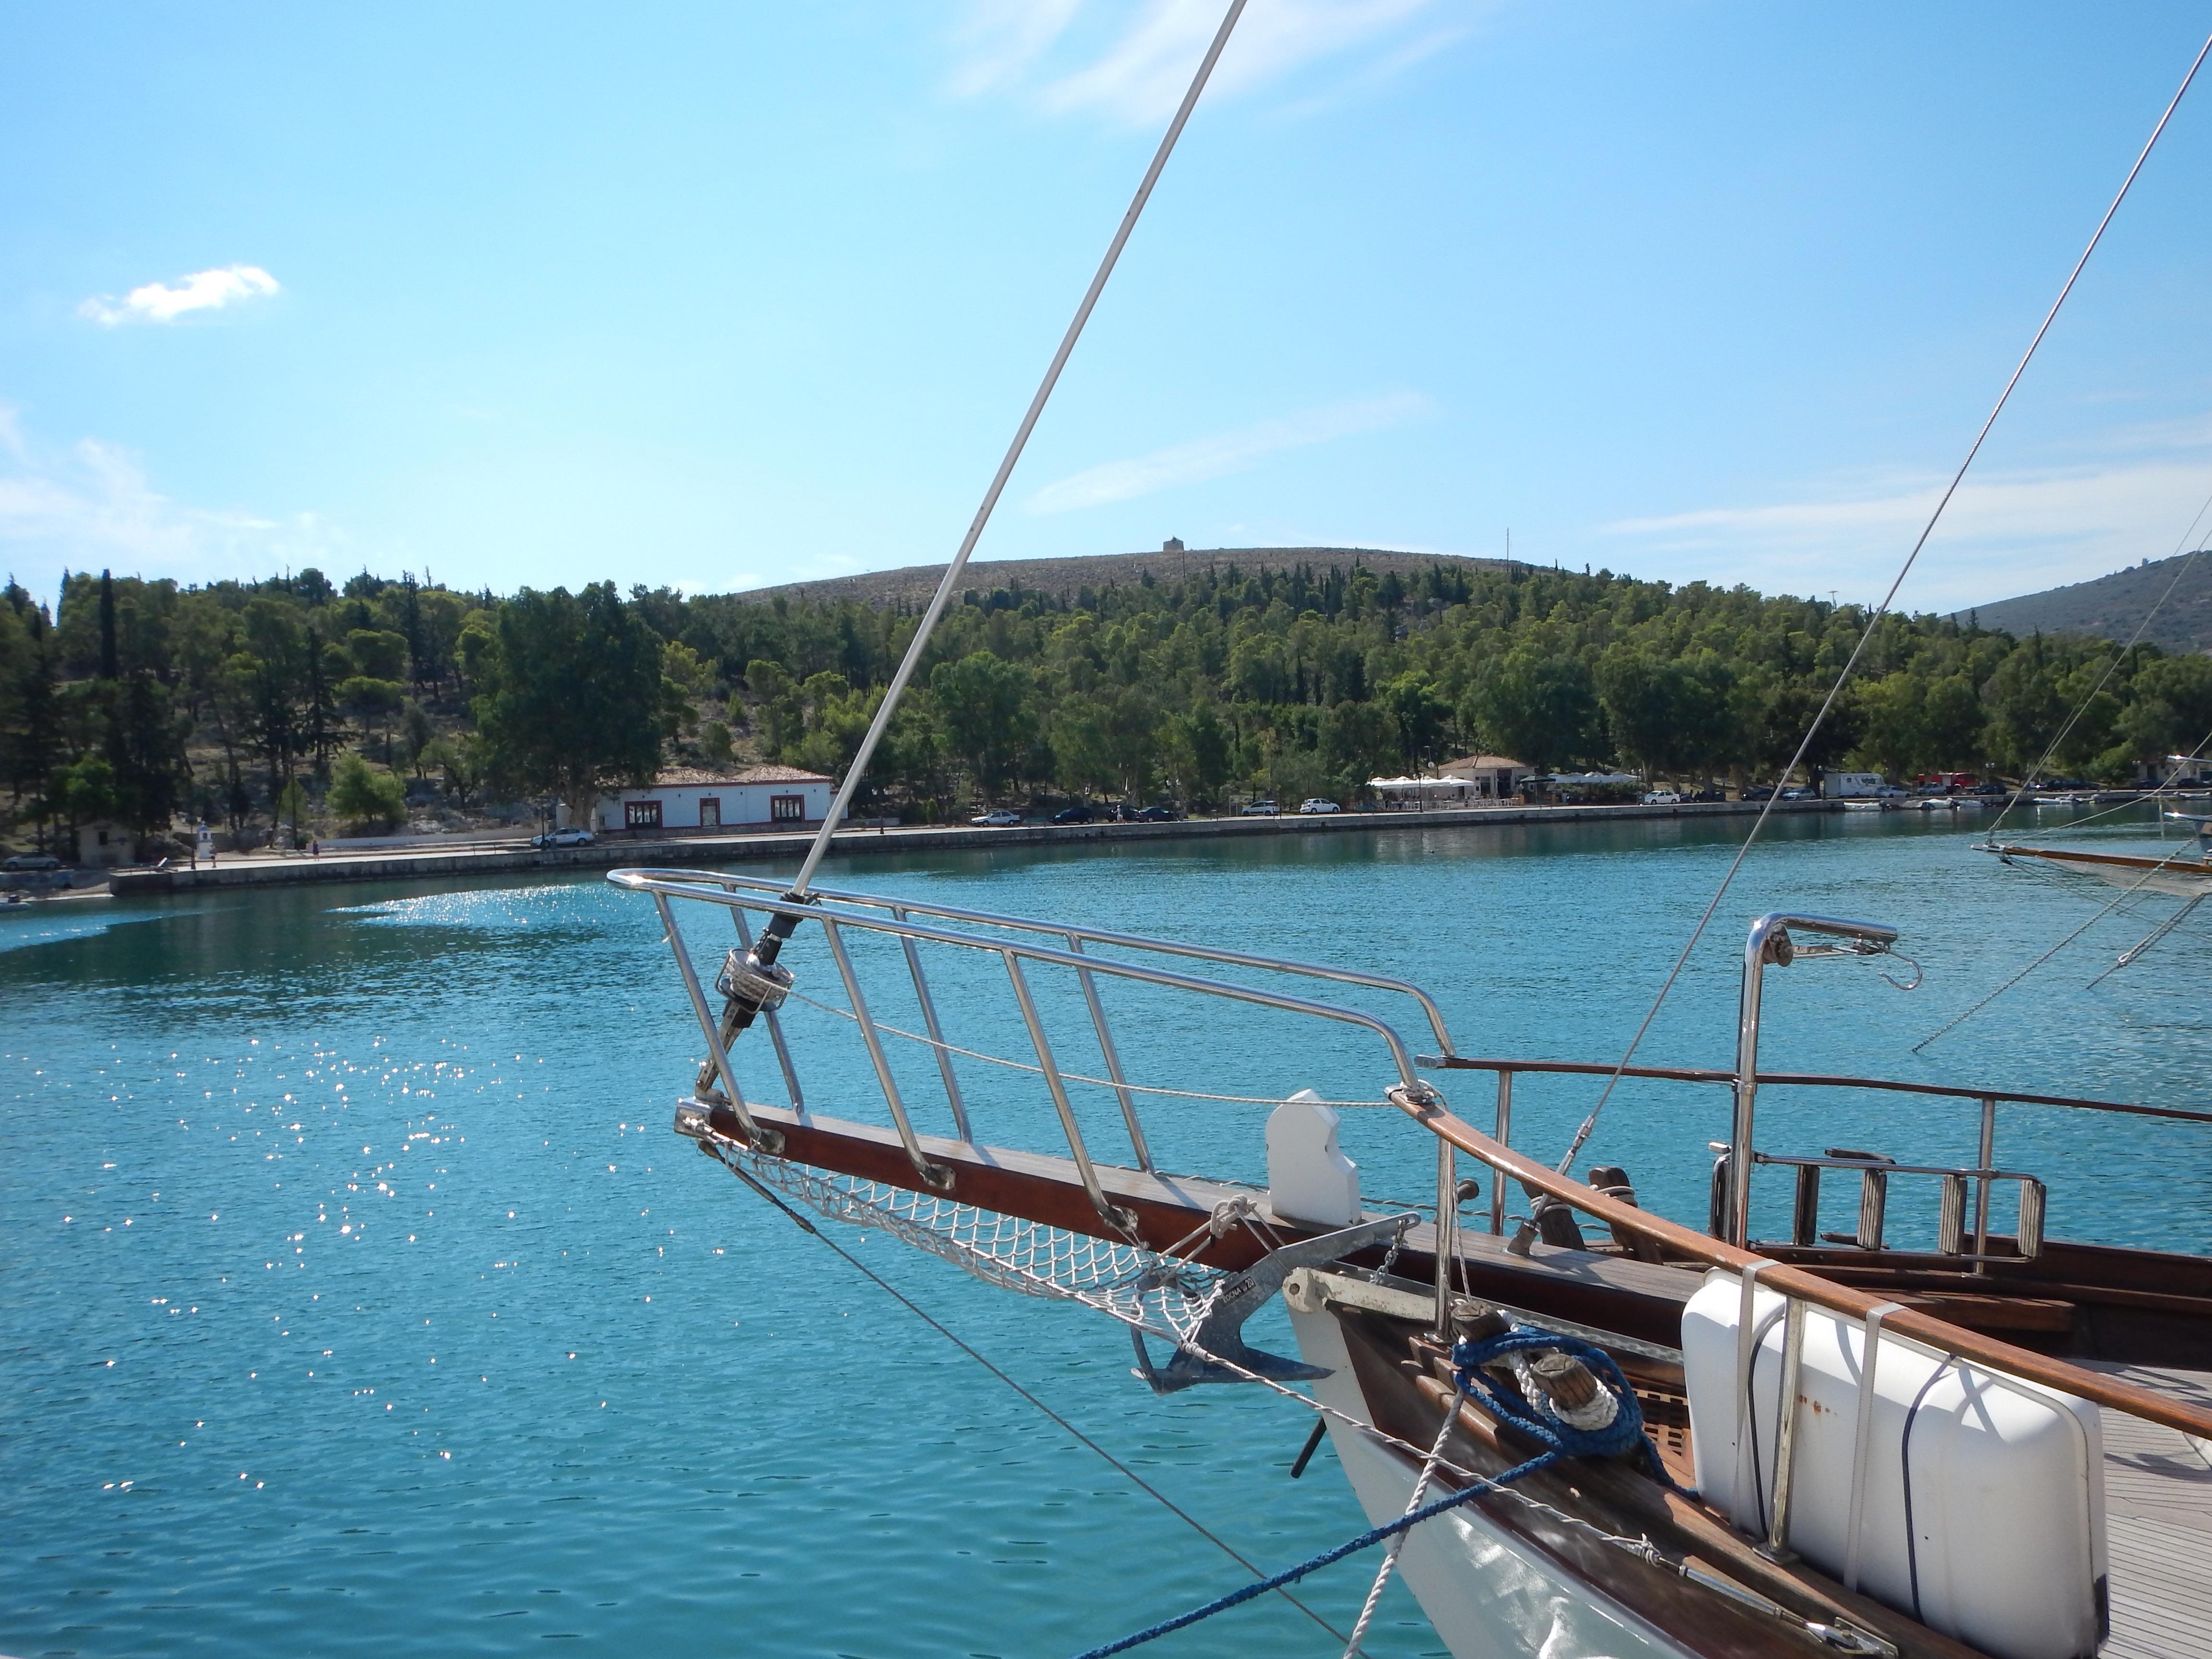 Grèce - Destination Météores par trail rando 161003092335415094